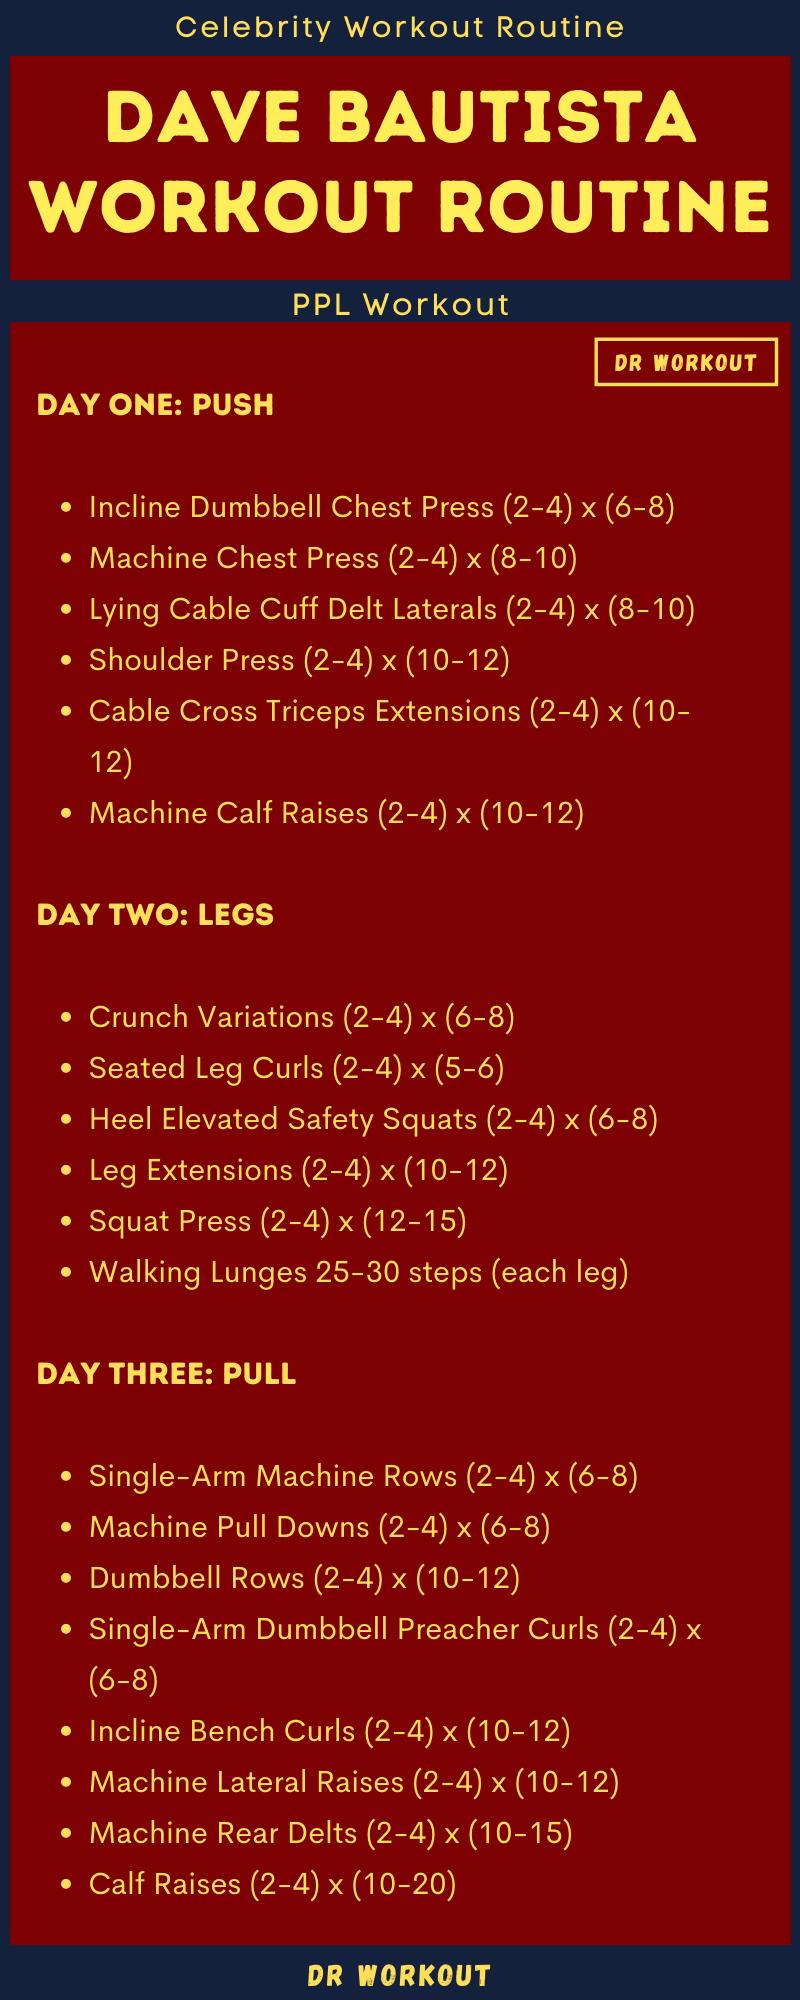 Dave Bautista Workout Routine